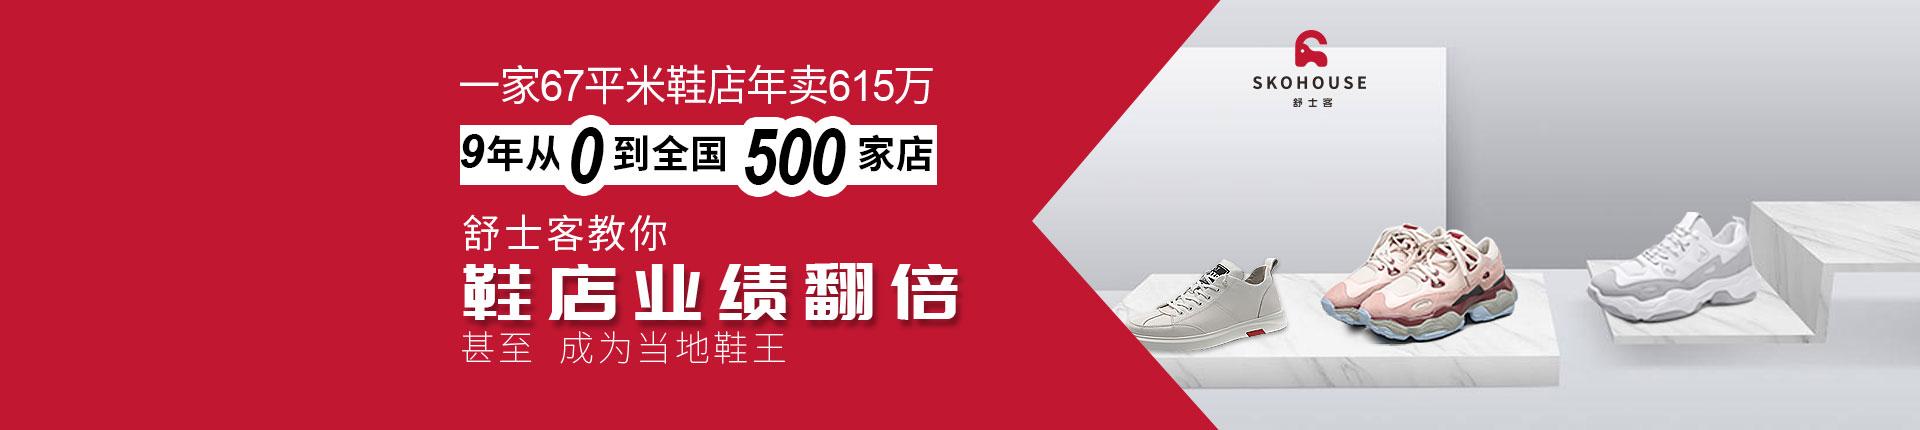 舒士客官方网站